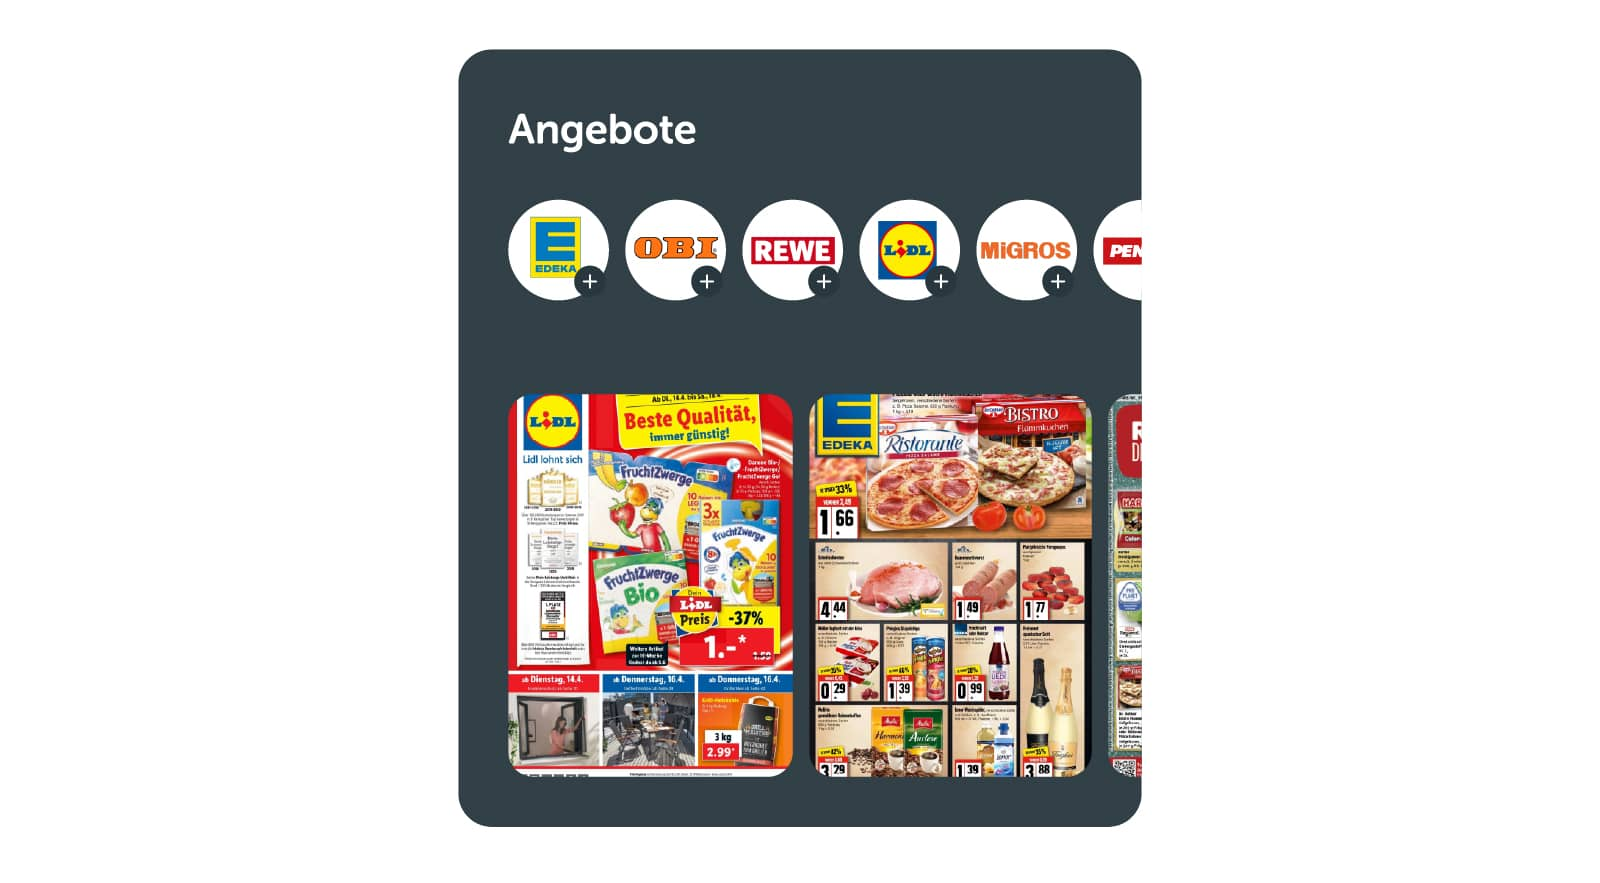 angebote-bring-app